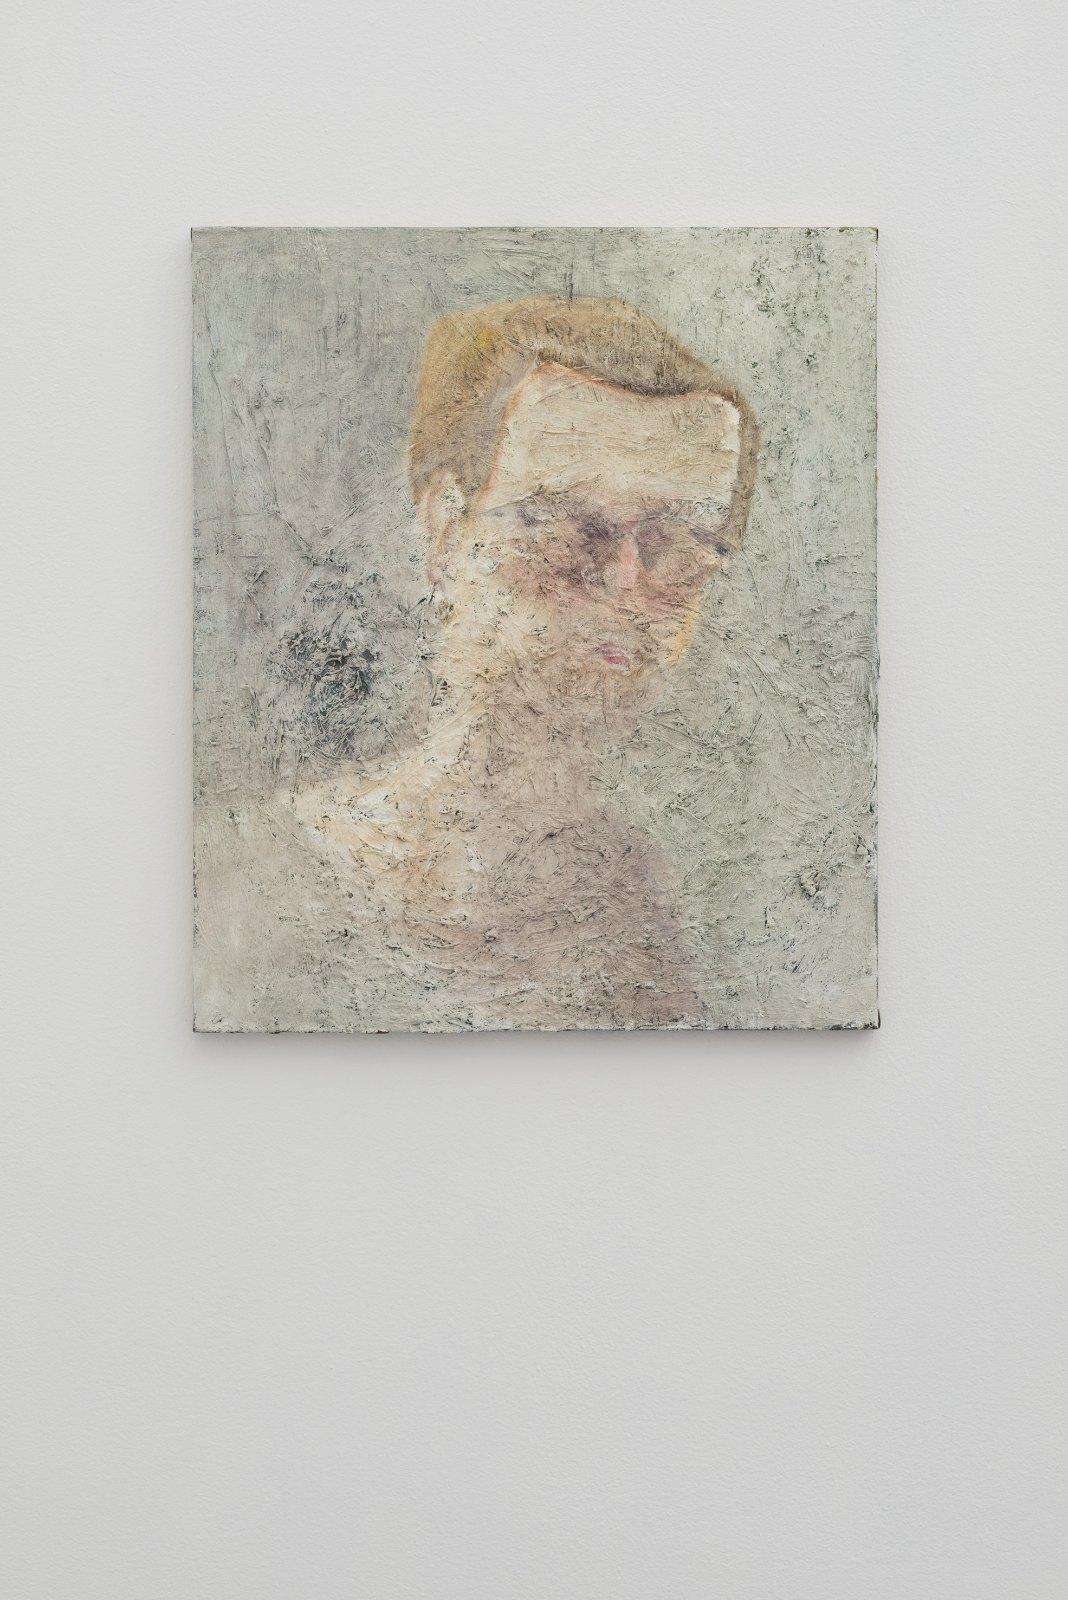 Kalle Lindmark, surfacing, 2014, oil on canvas, 65 x 55 cm